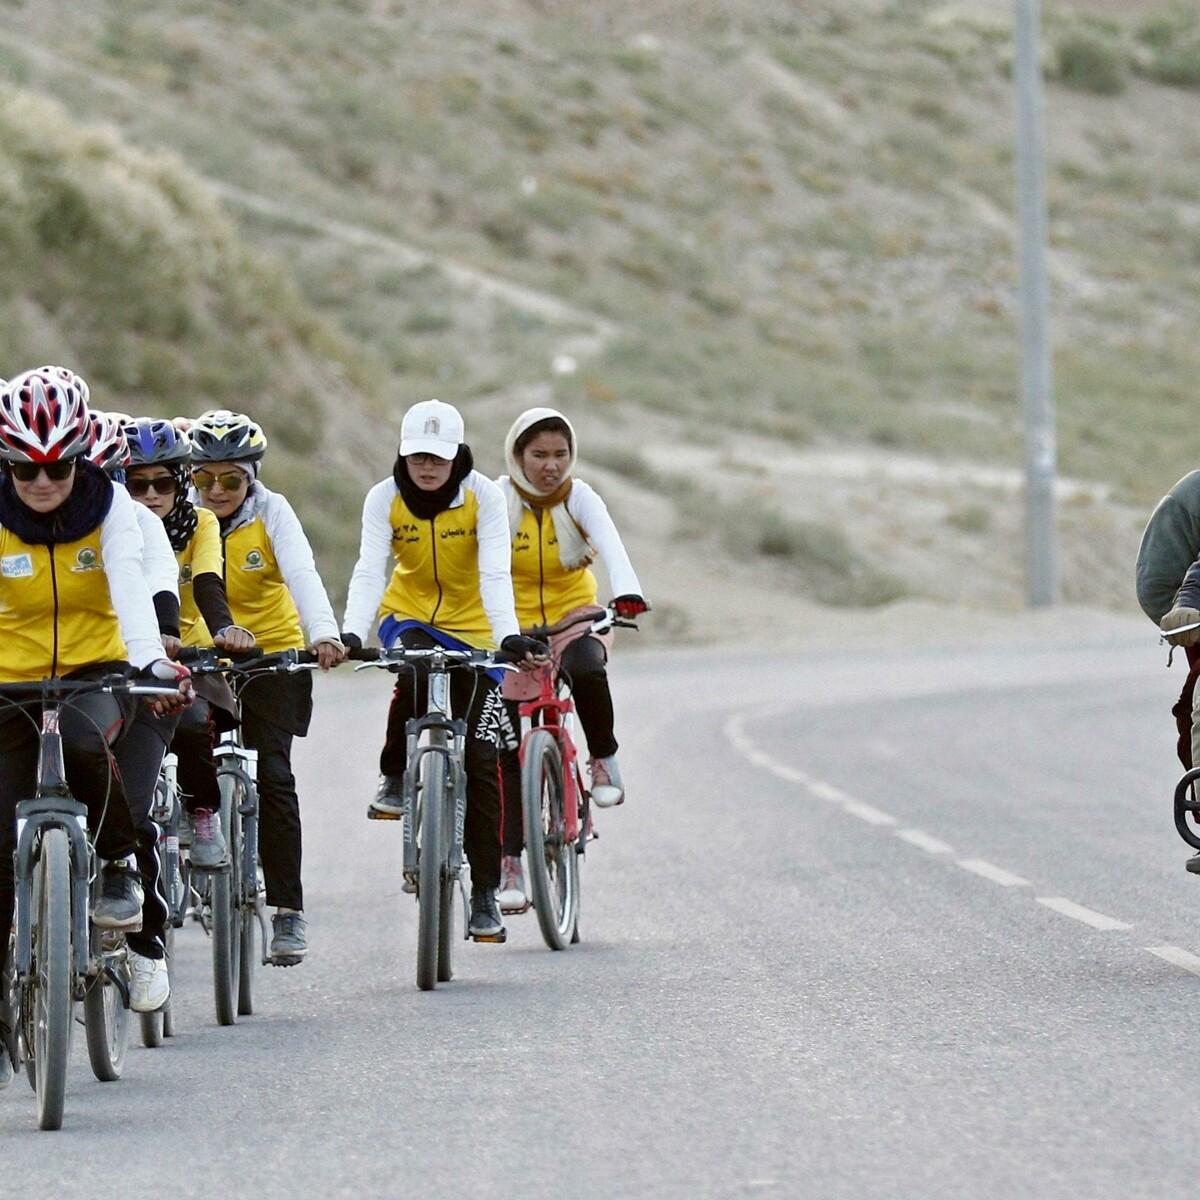 Come la Svizzera ha salvato dai talebani la squadra femminile di ciclismo